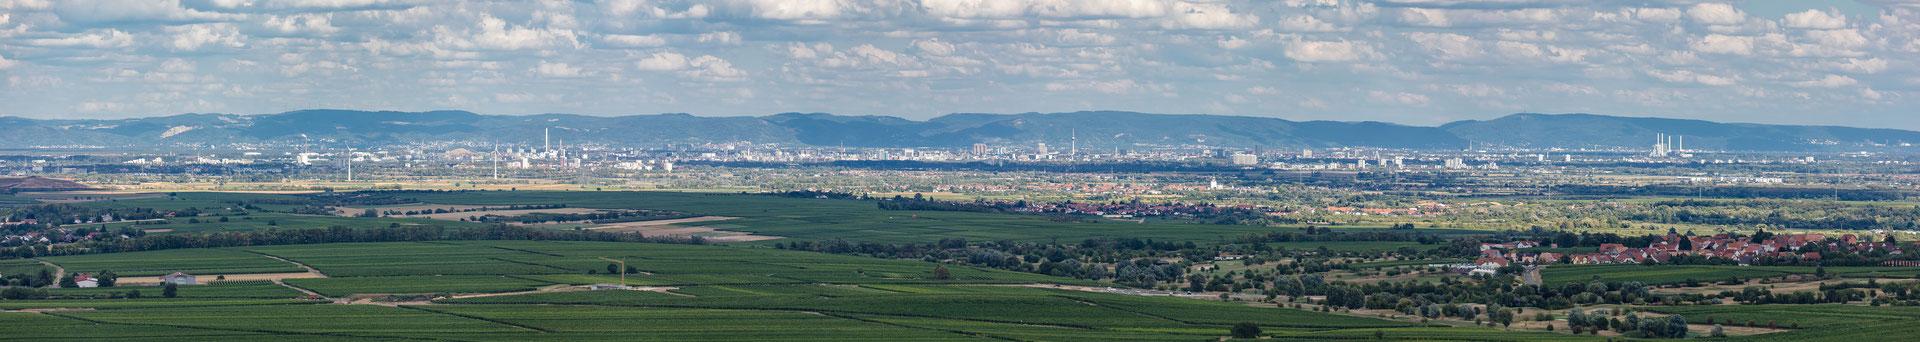 Panoramablick von der Burg Battenberg in die Rheinebene